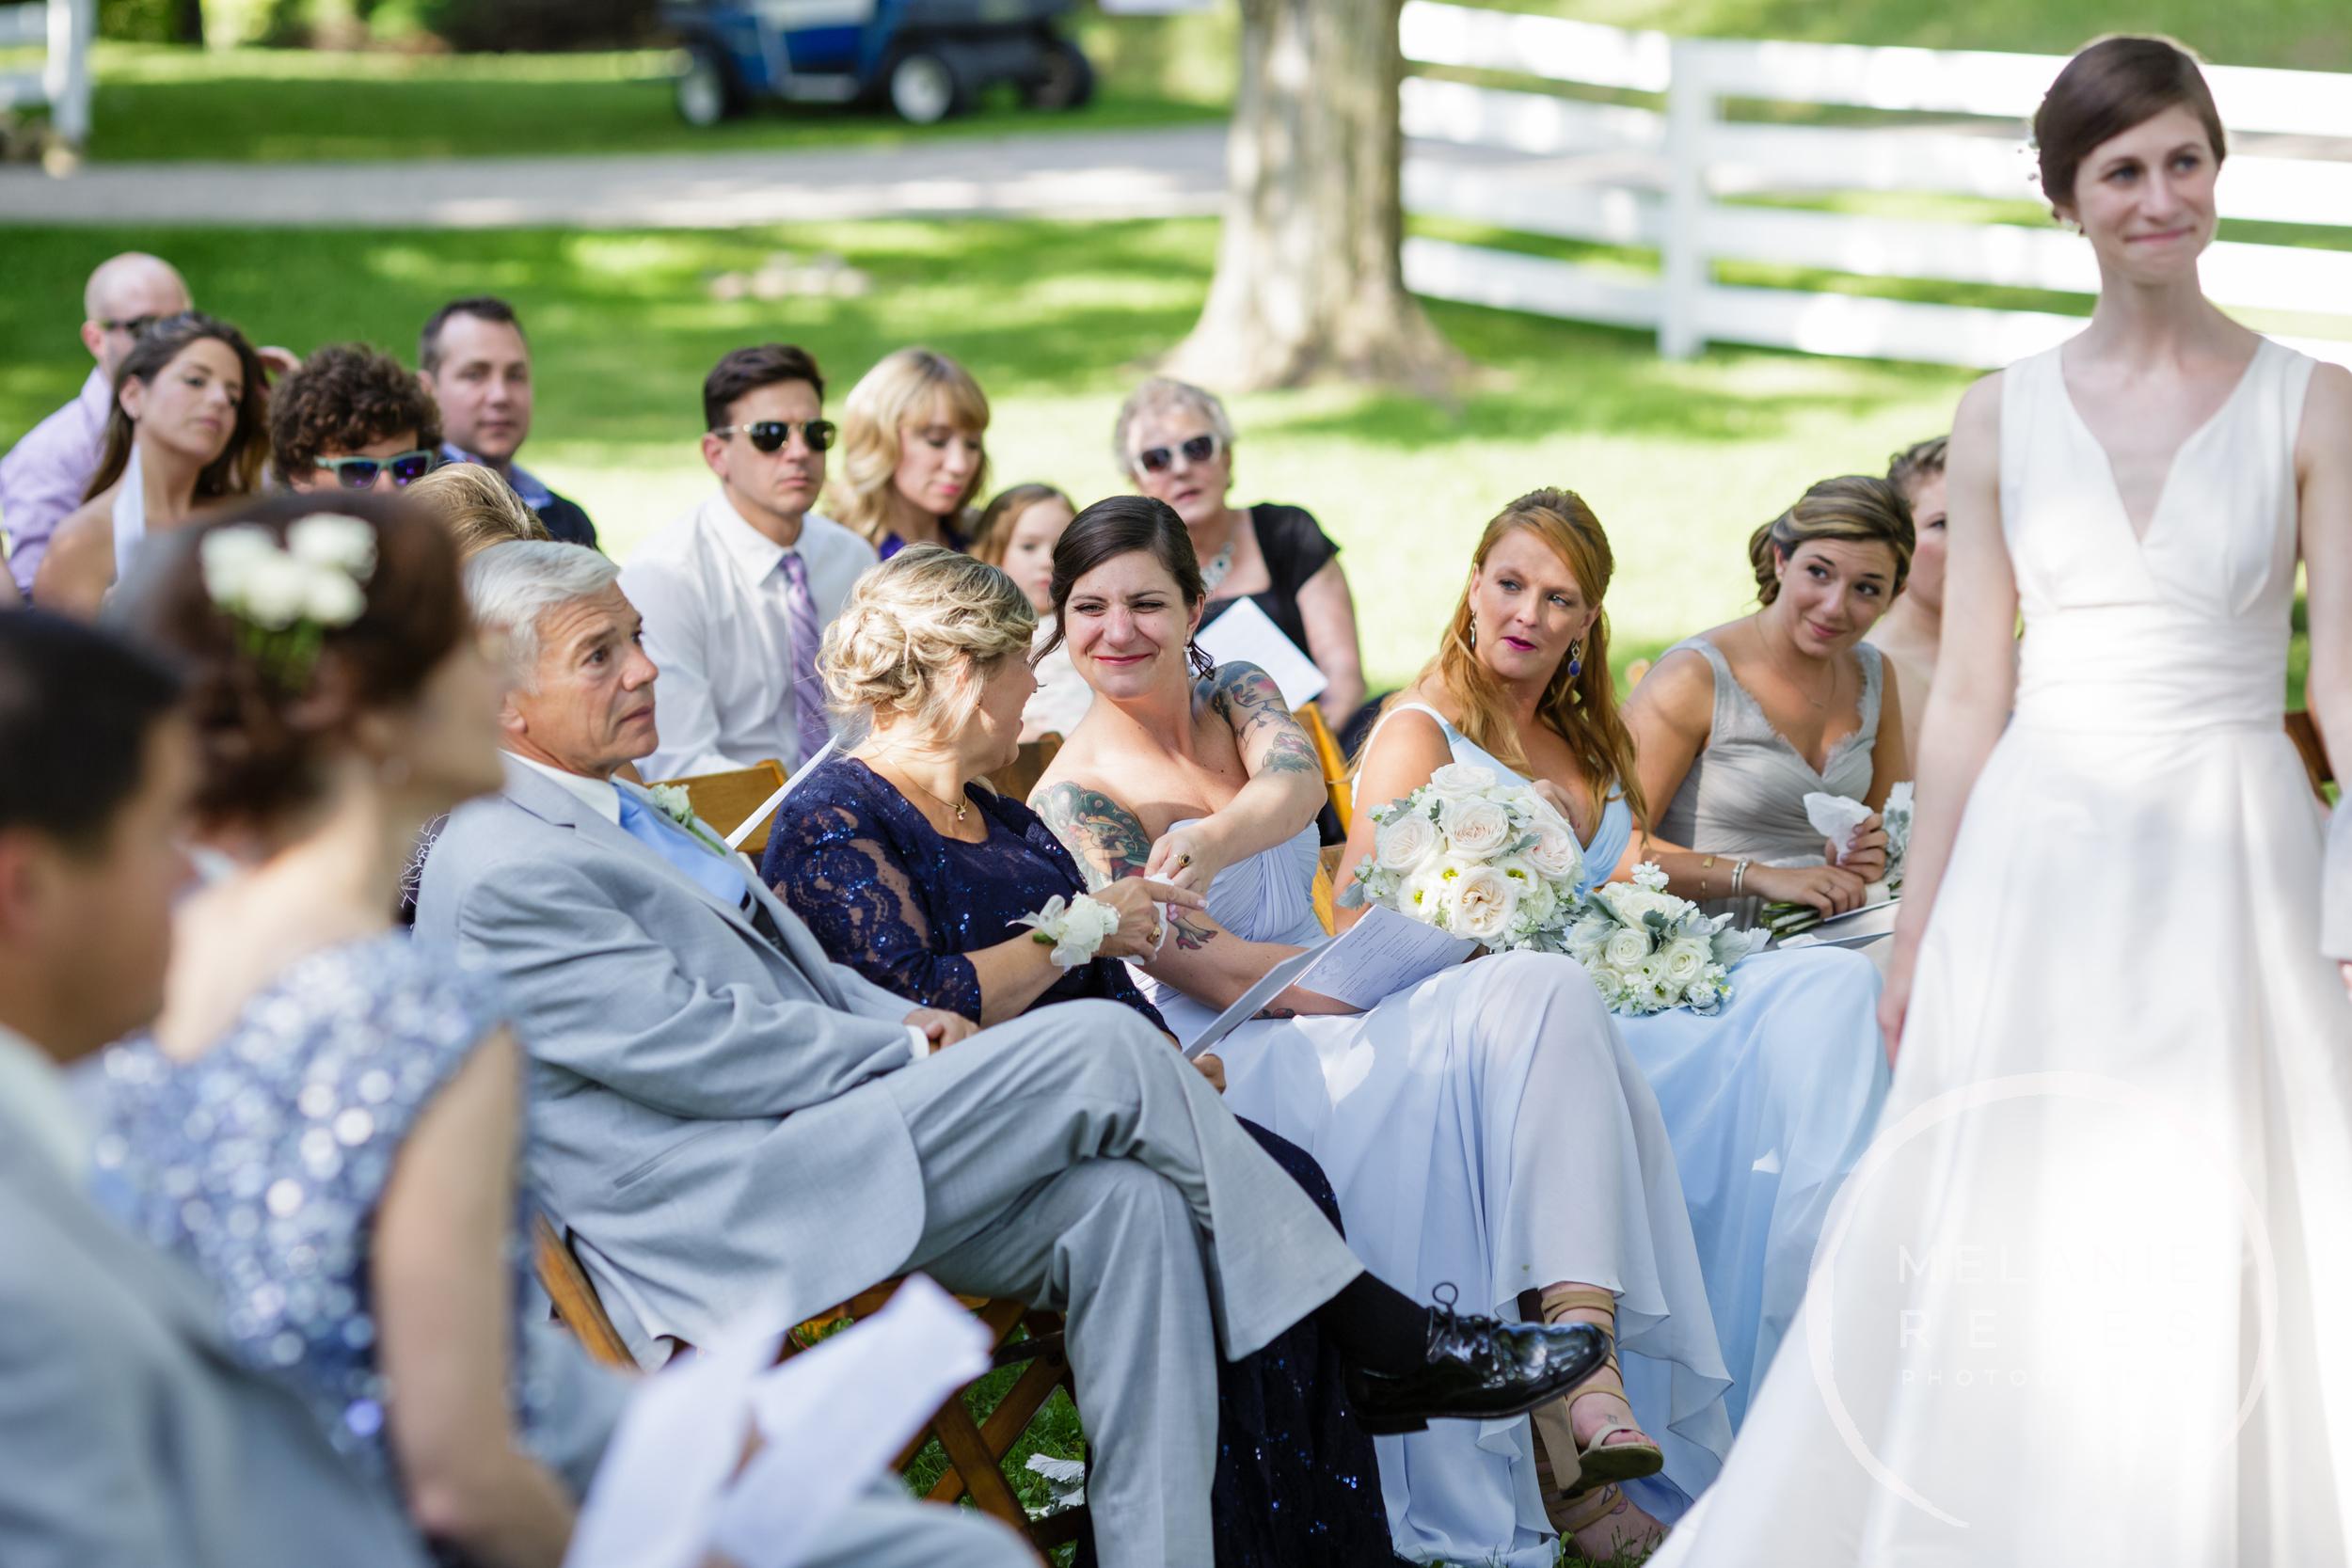 046_farm_wedding_melanie_reyes.JPG